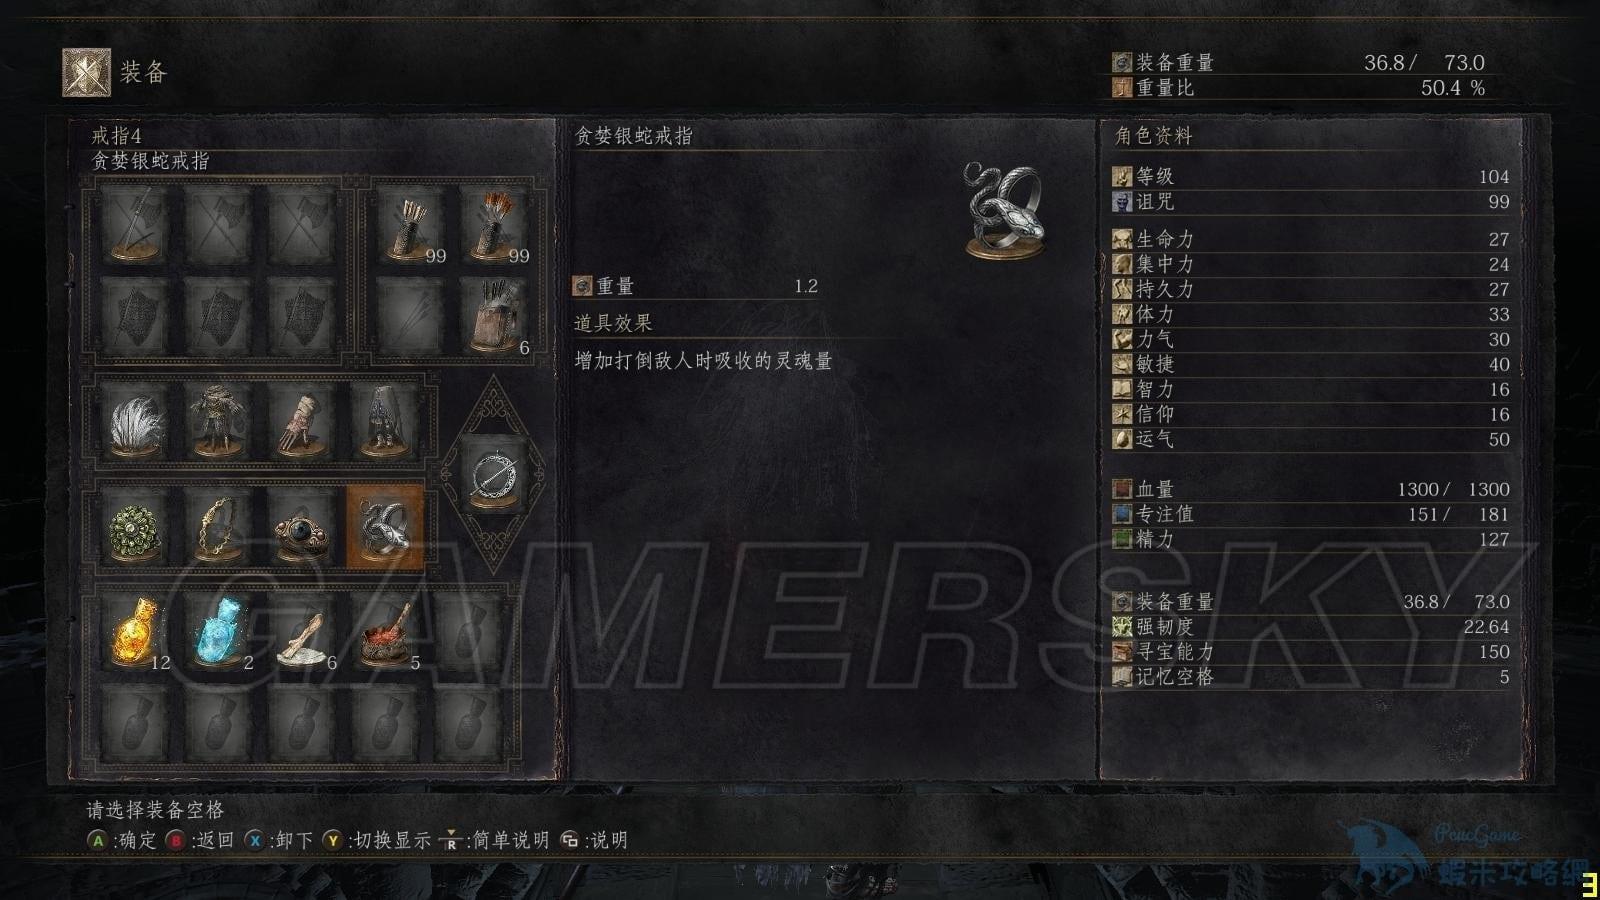 黑暗靈魂3 黑火祭場細節與新發現圖文分析 黑火祭場細節